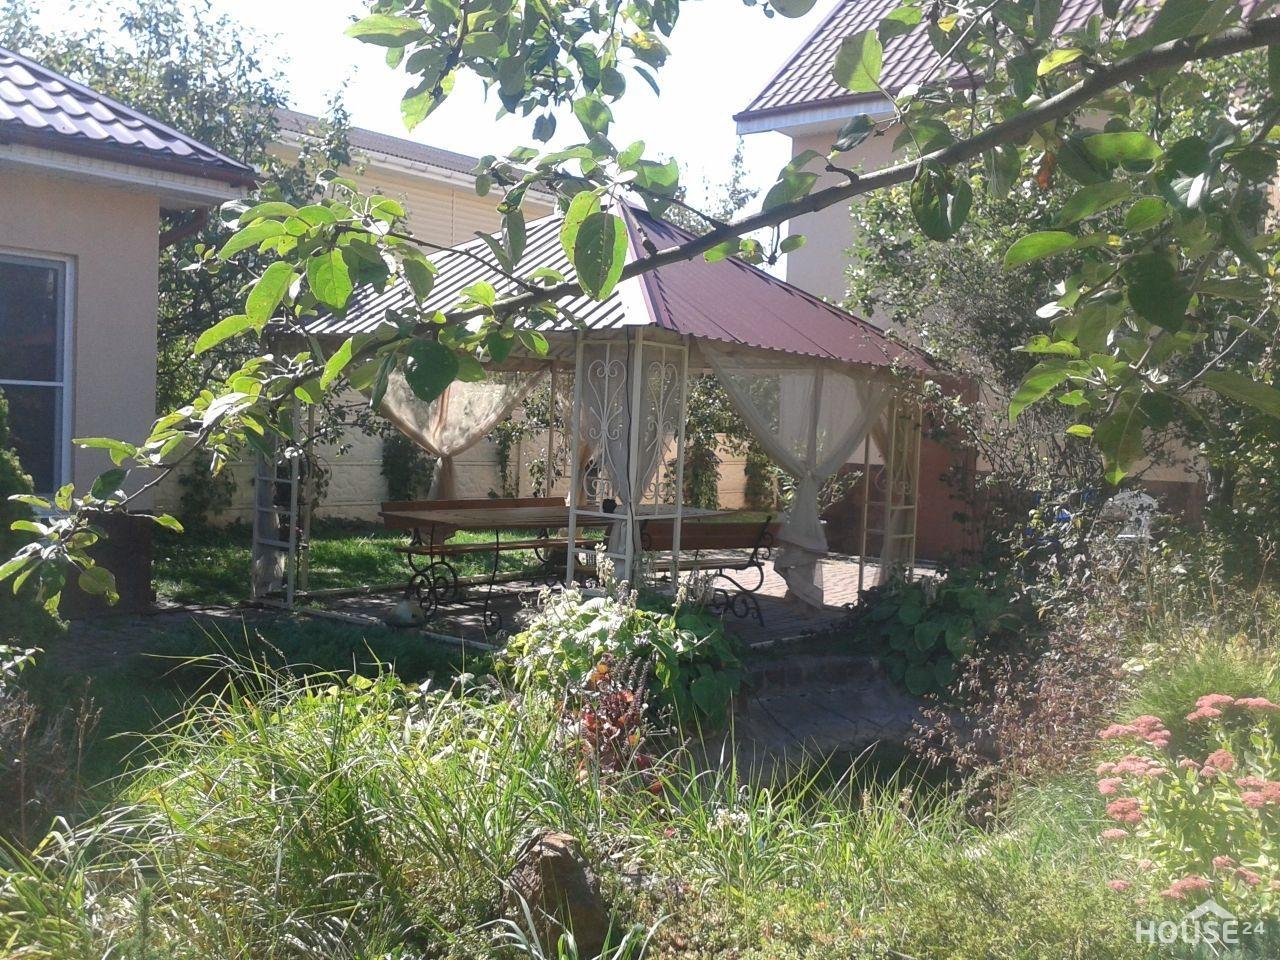 Сдается дом посуточно с сауной и бассейном, Киев, улица Садовая, 25 - фото 4